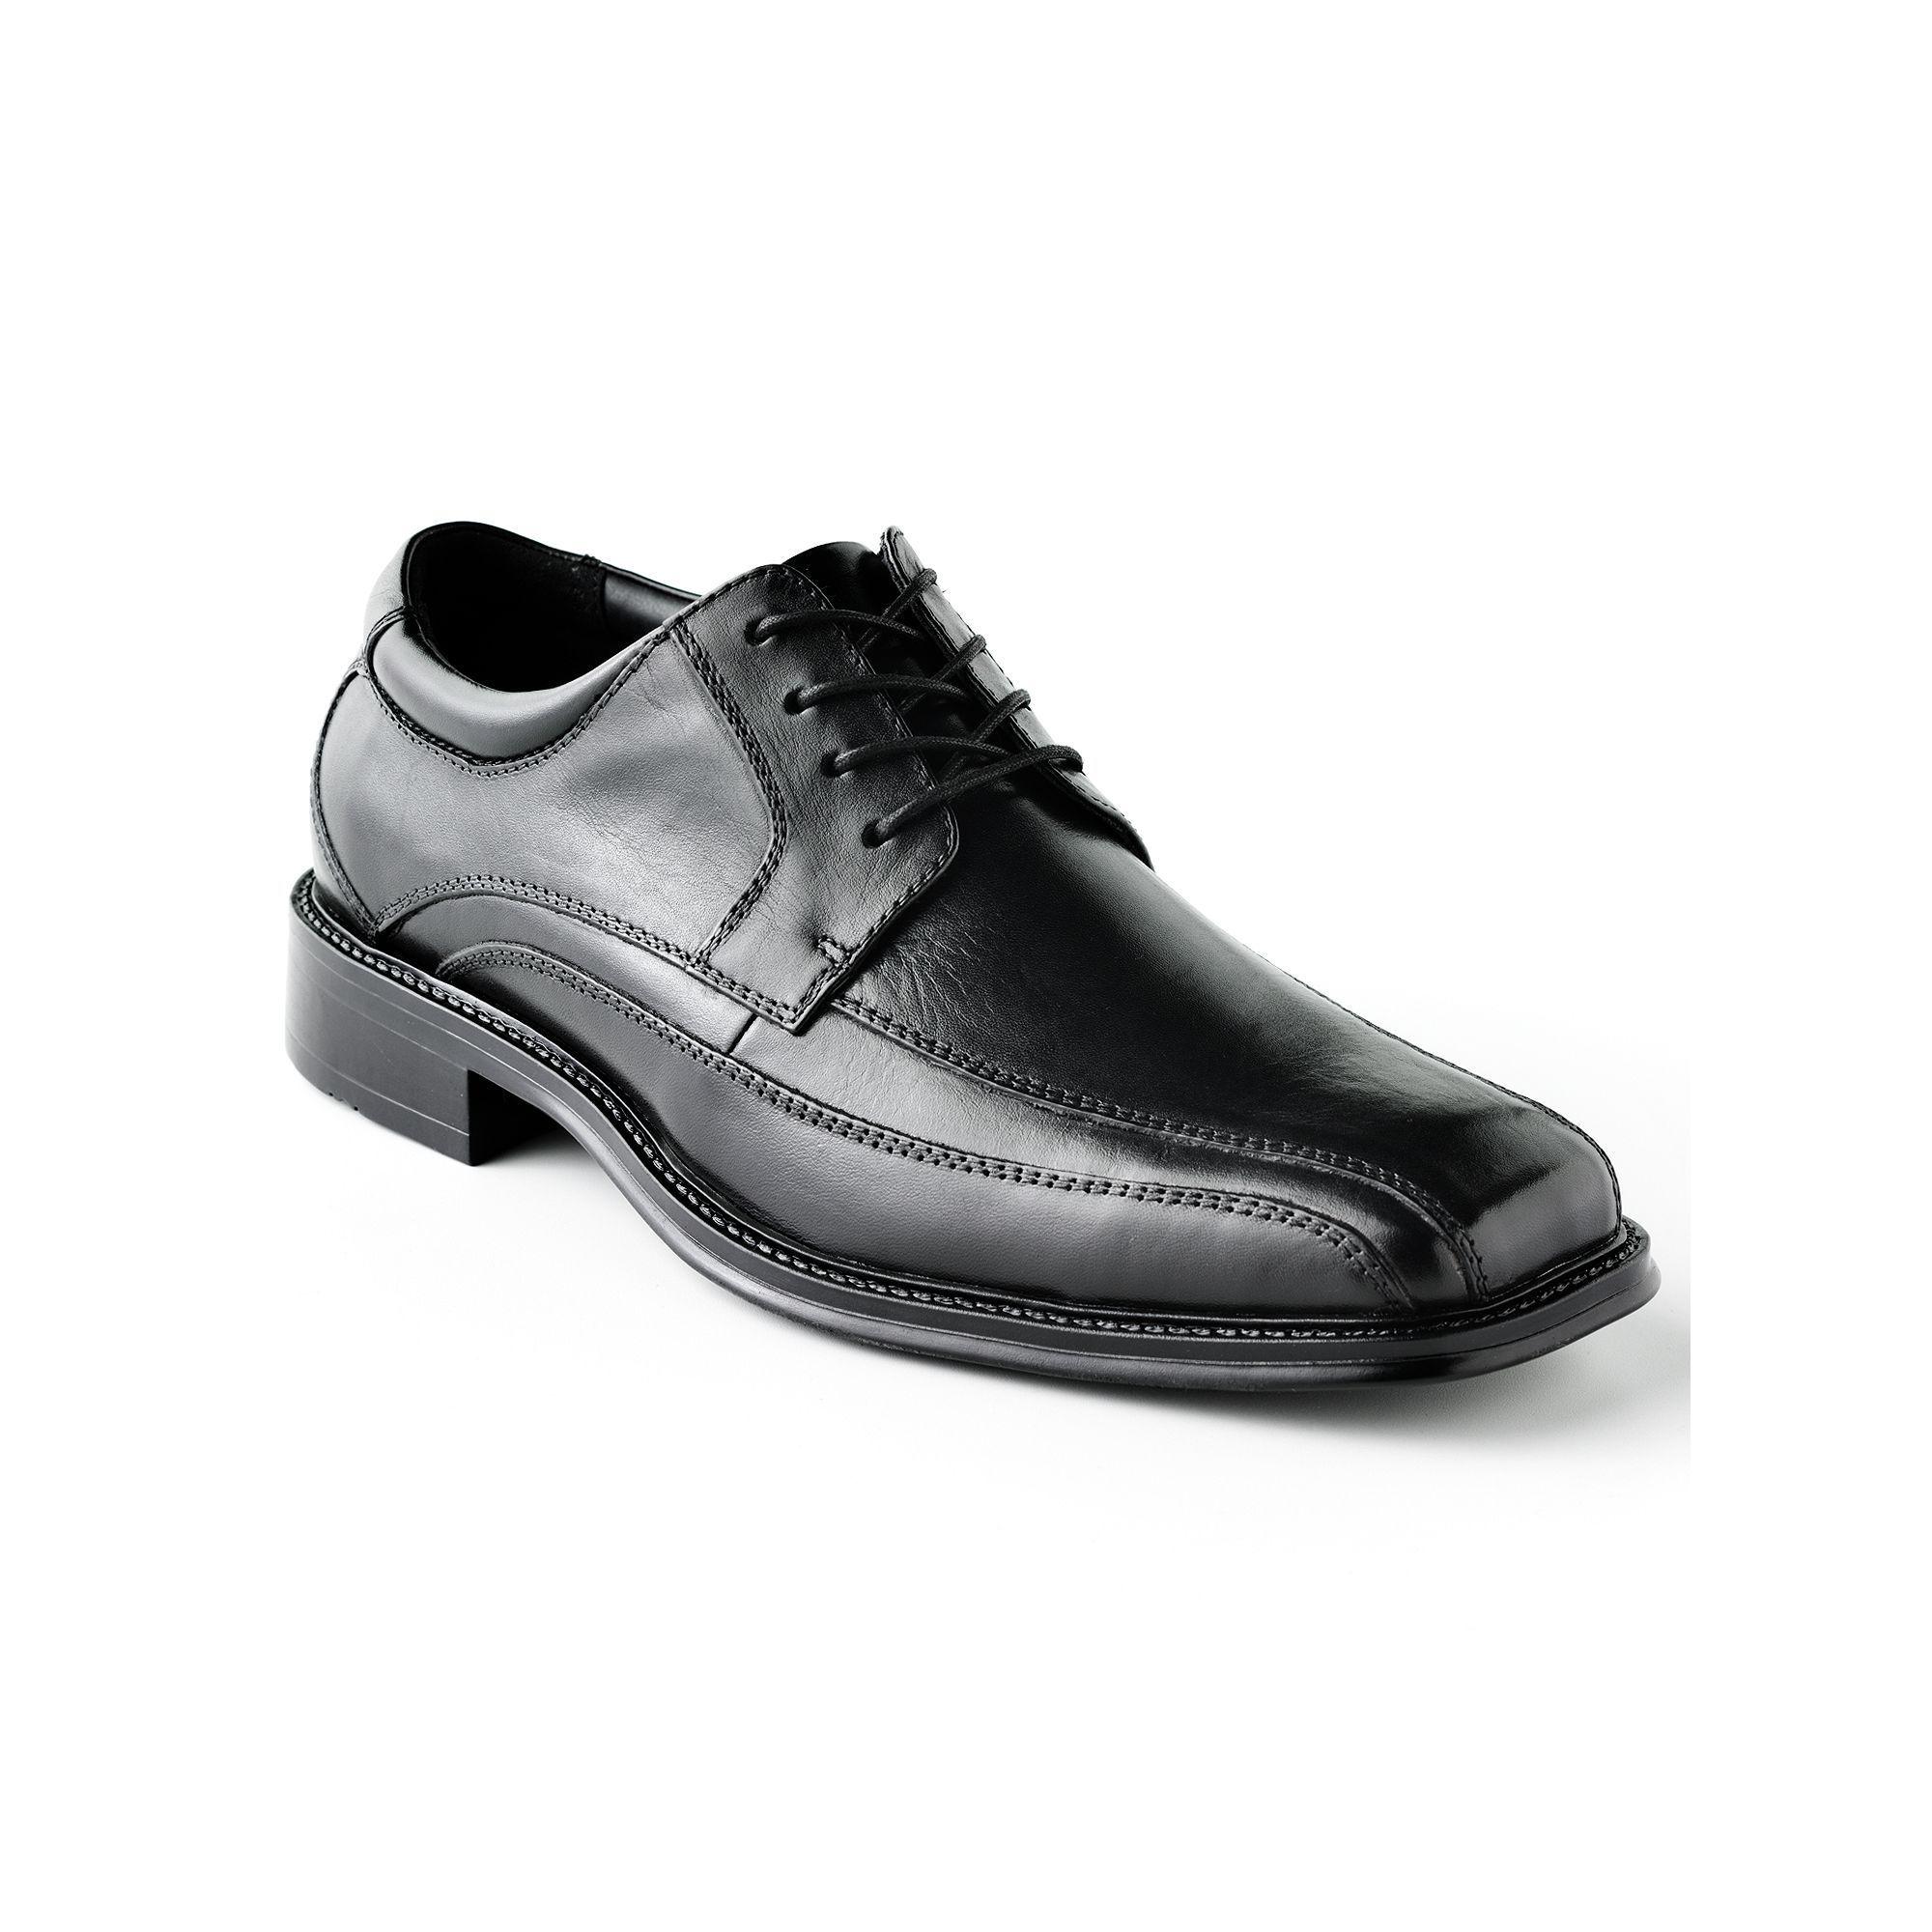 Dockers® Newton Men's Dress Shoes Oxford shoes, Shoes, Men